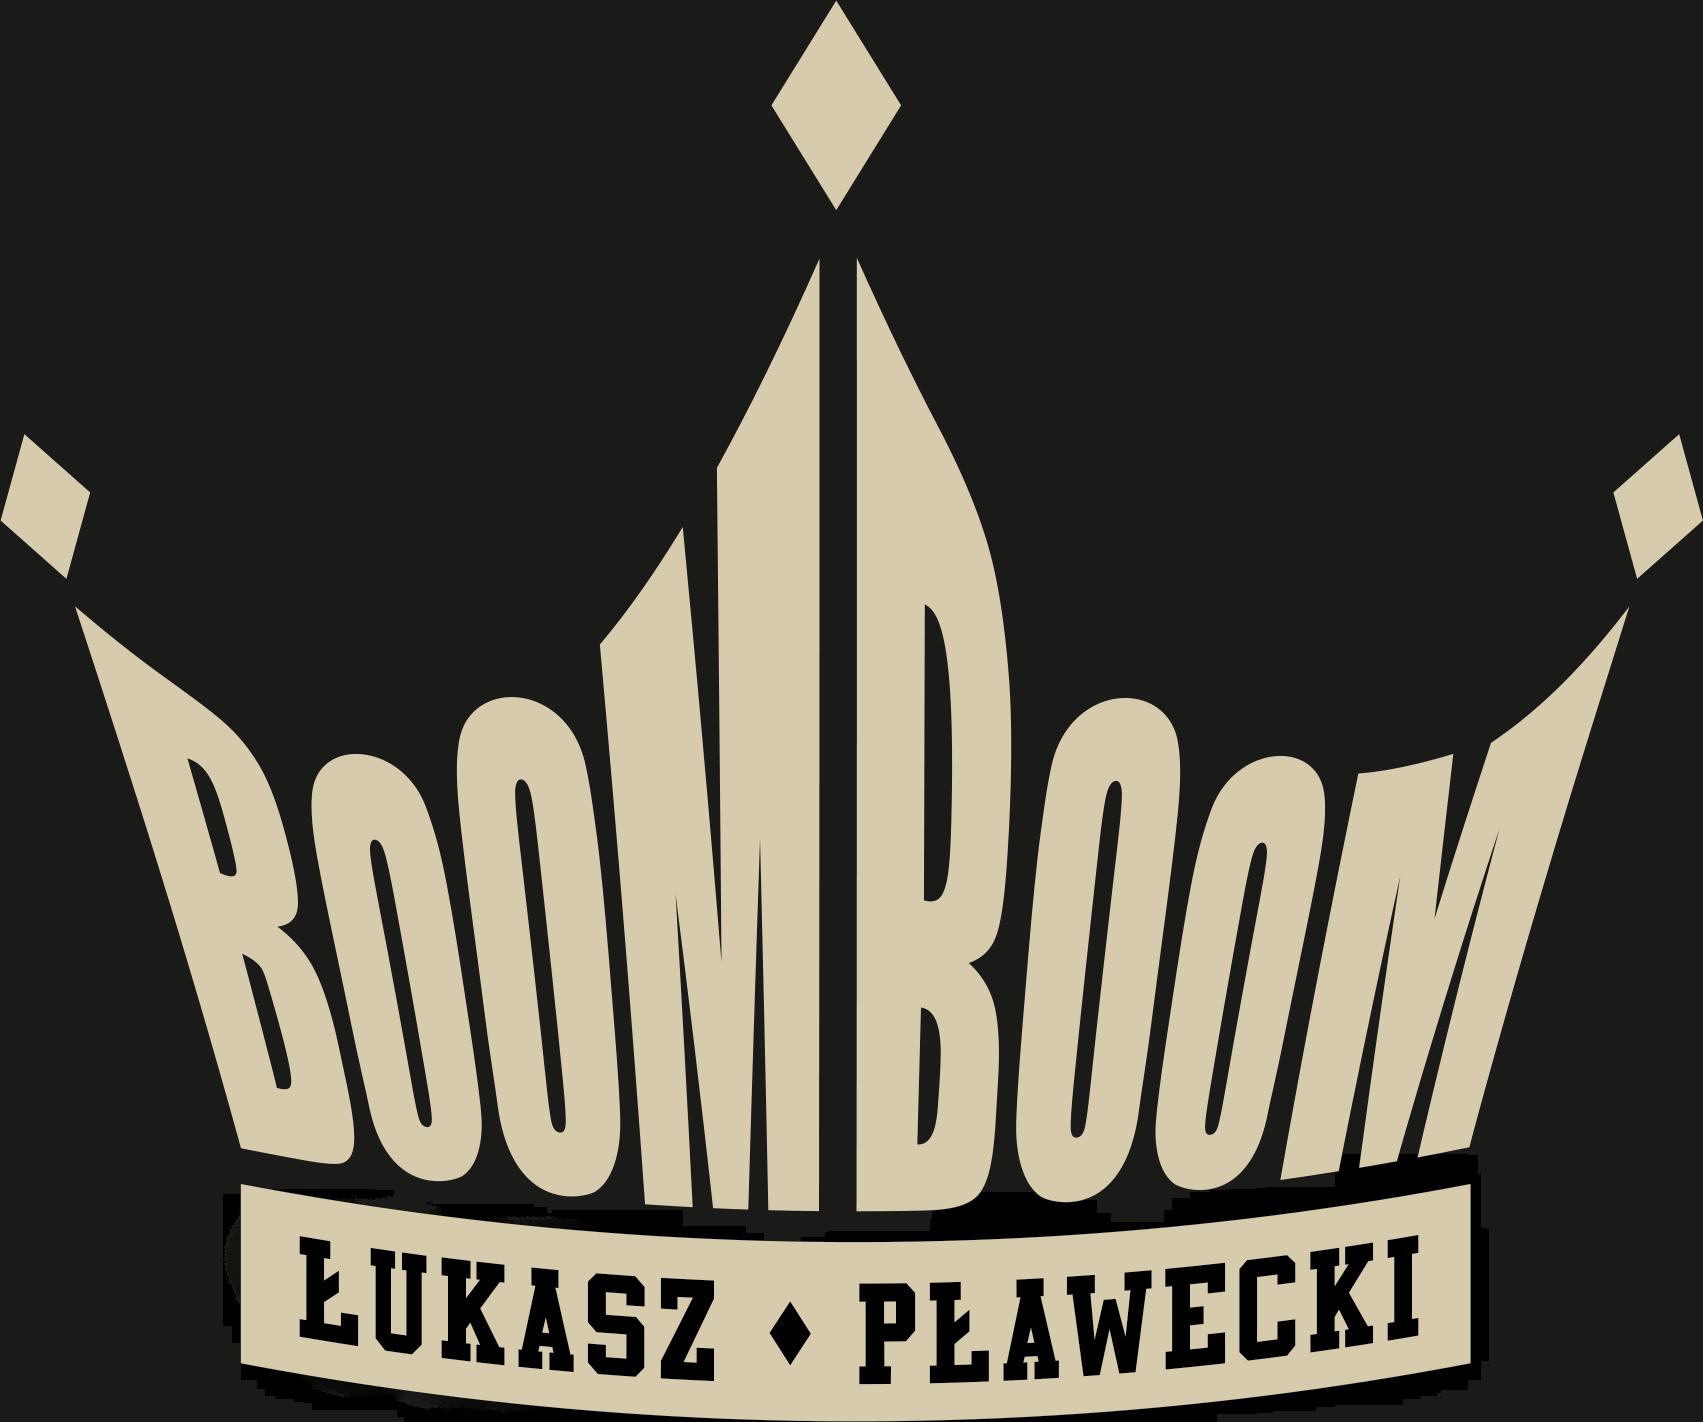 Łukasz Pławecki - Mistrz Świata w Kickboxingu, właściciel klubu HALNY